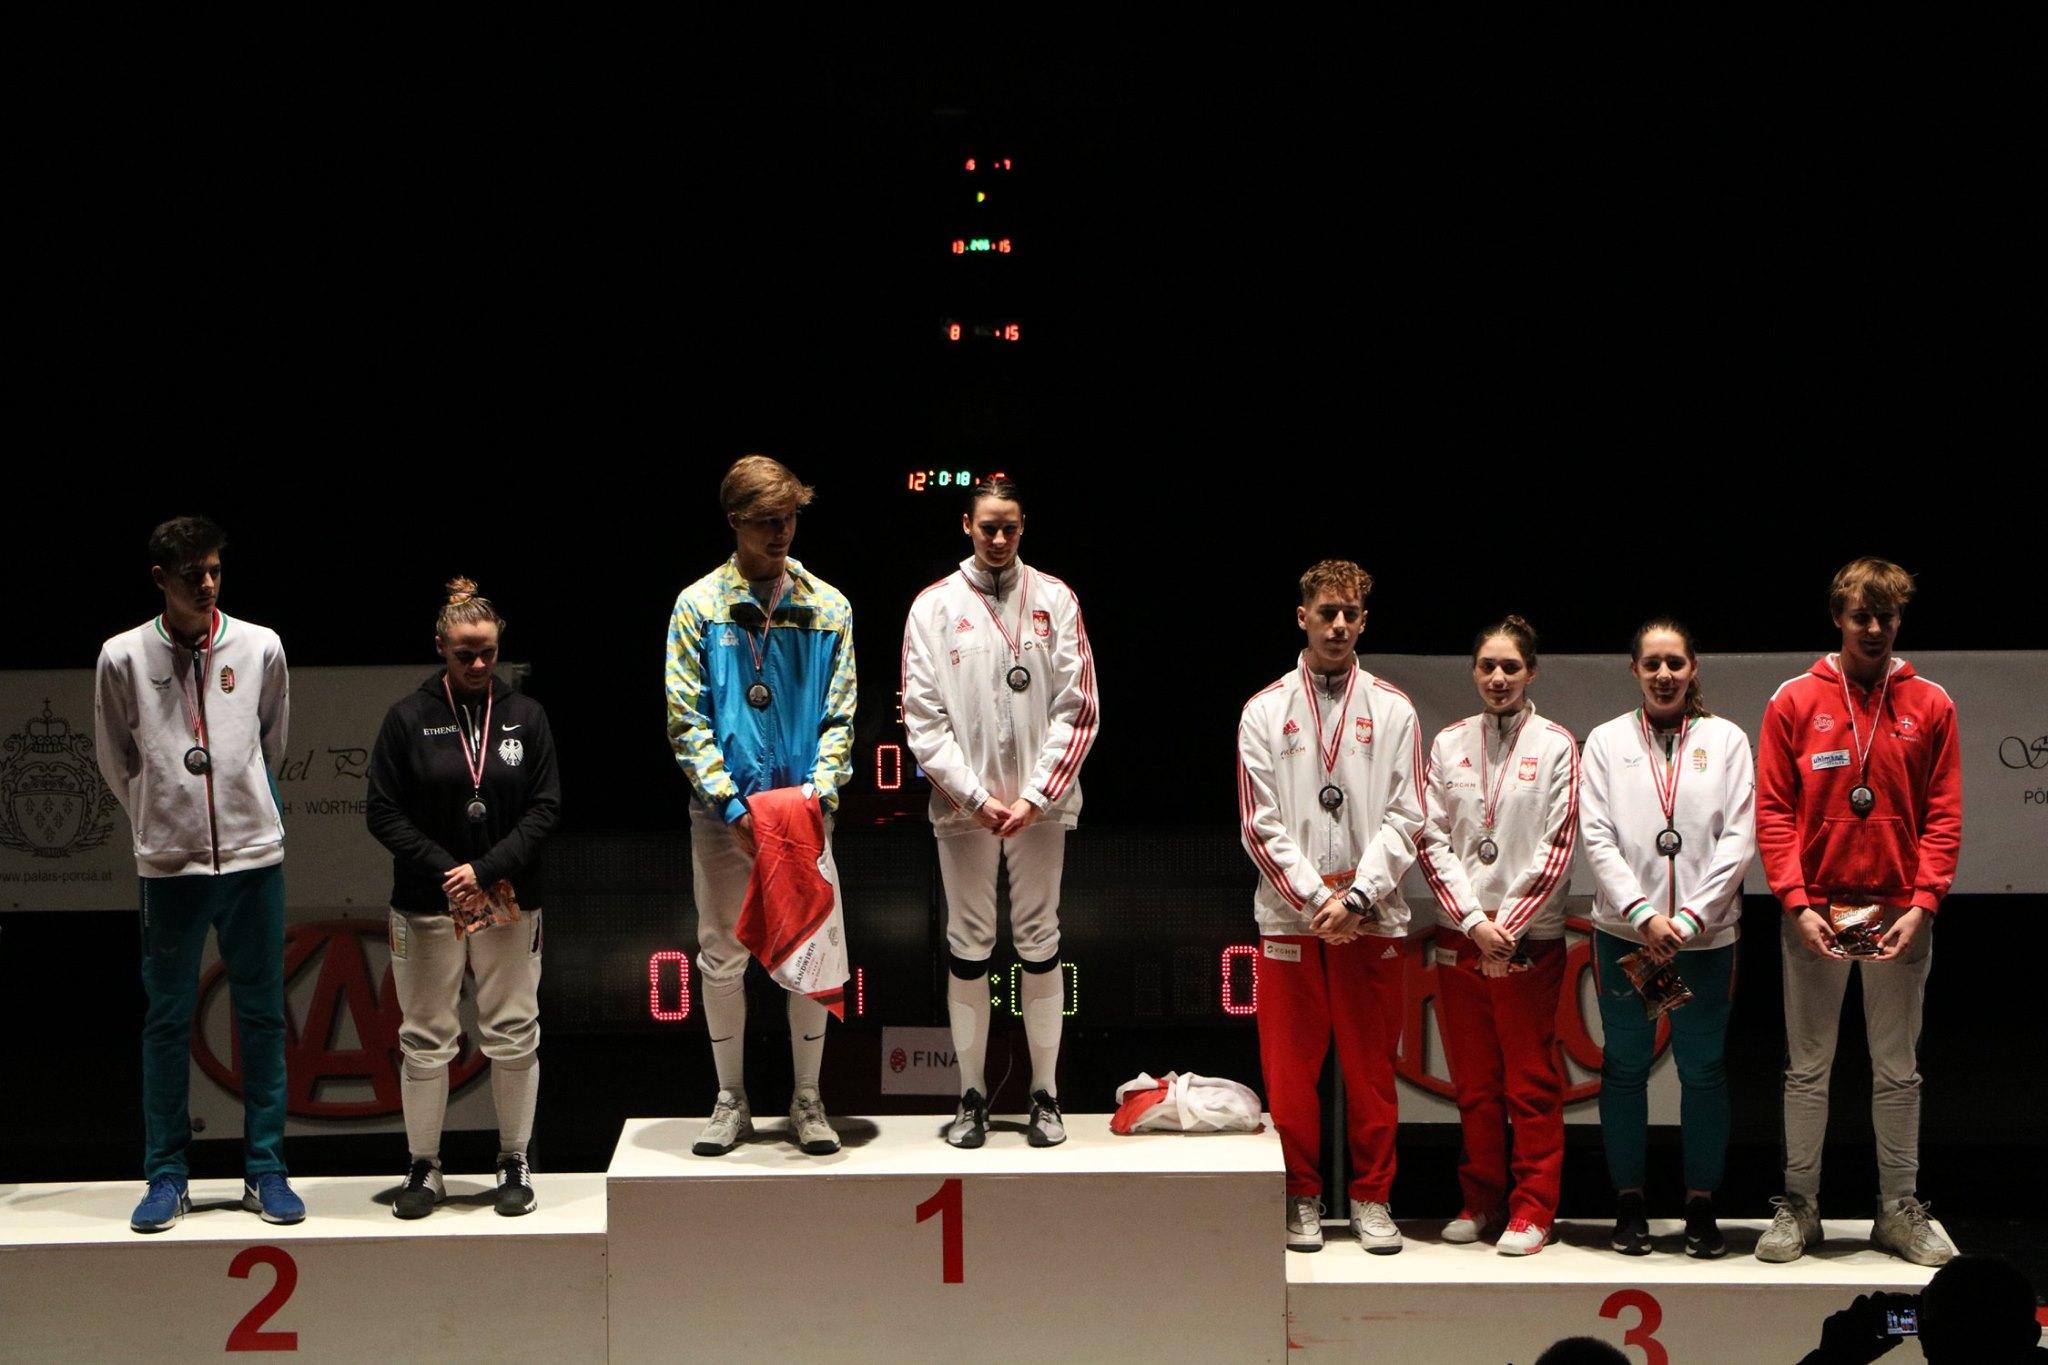 Szermierz z Mielca na podium na Pucharze Europy [FOTO] - Zdjęcie główne